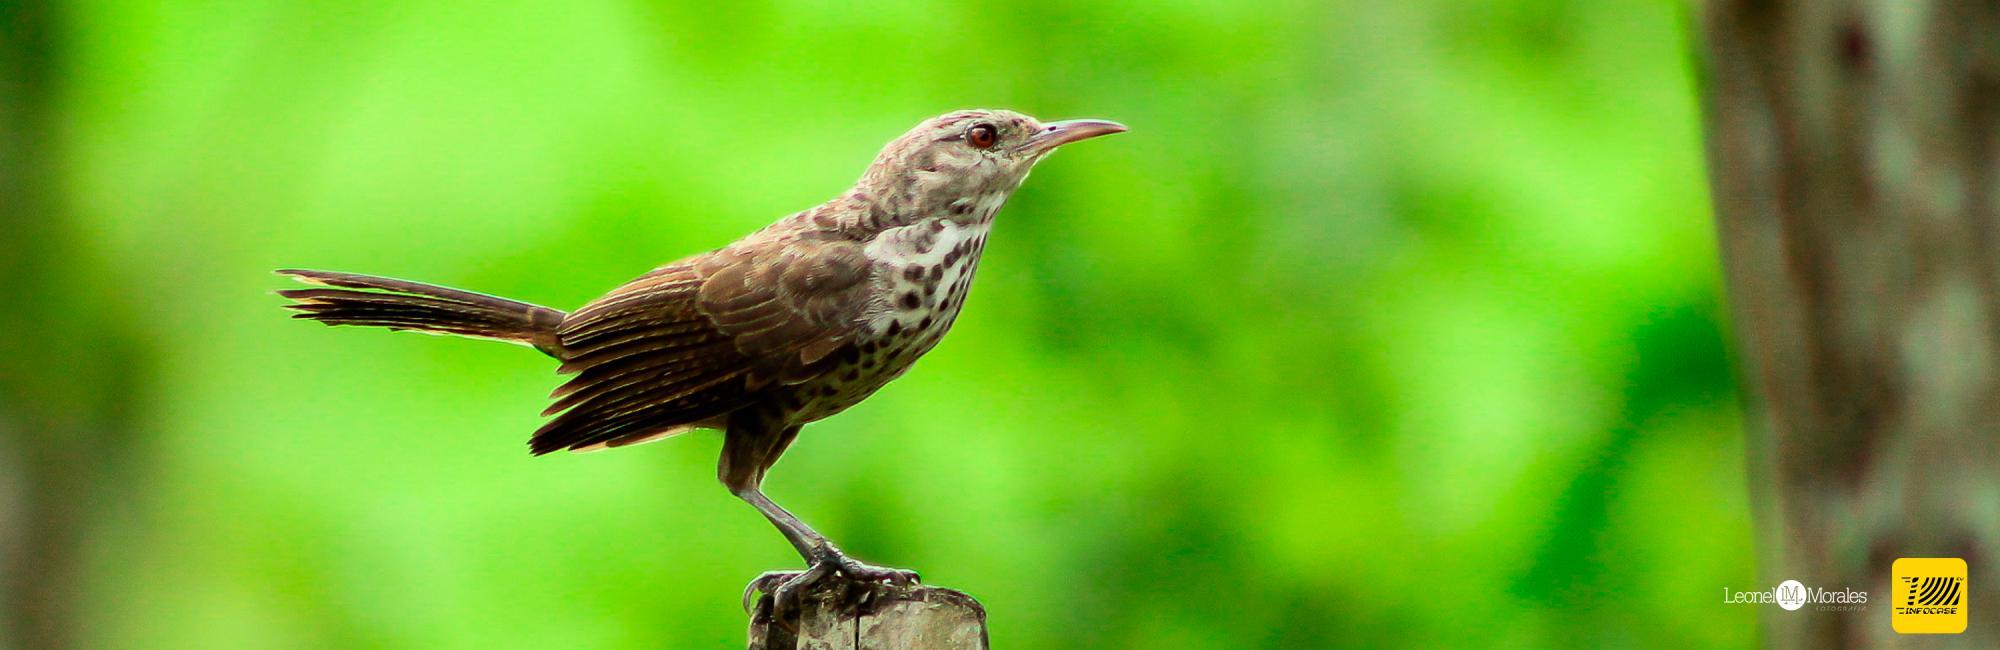 Observación de Aves para que Disfrutes